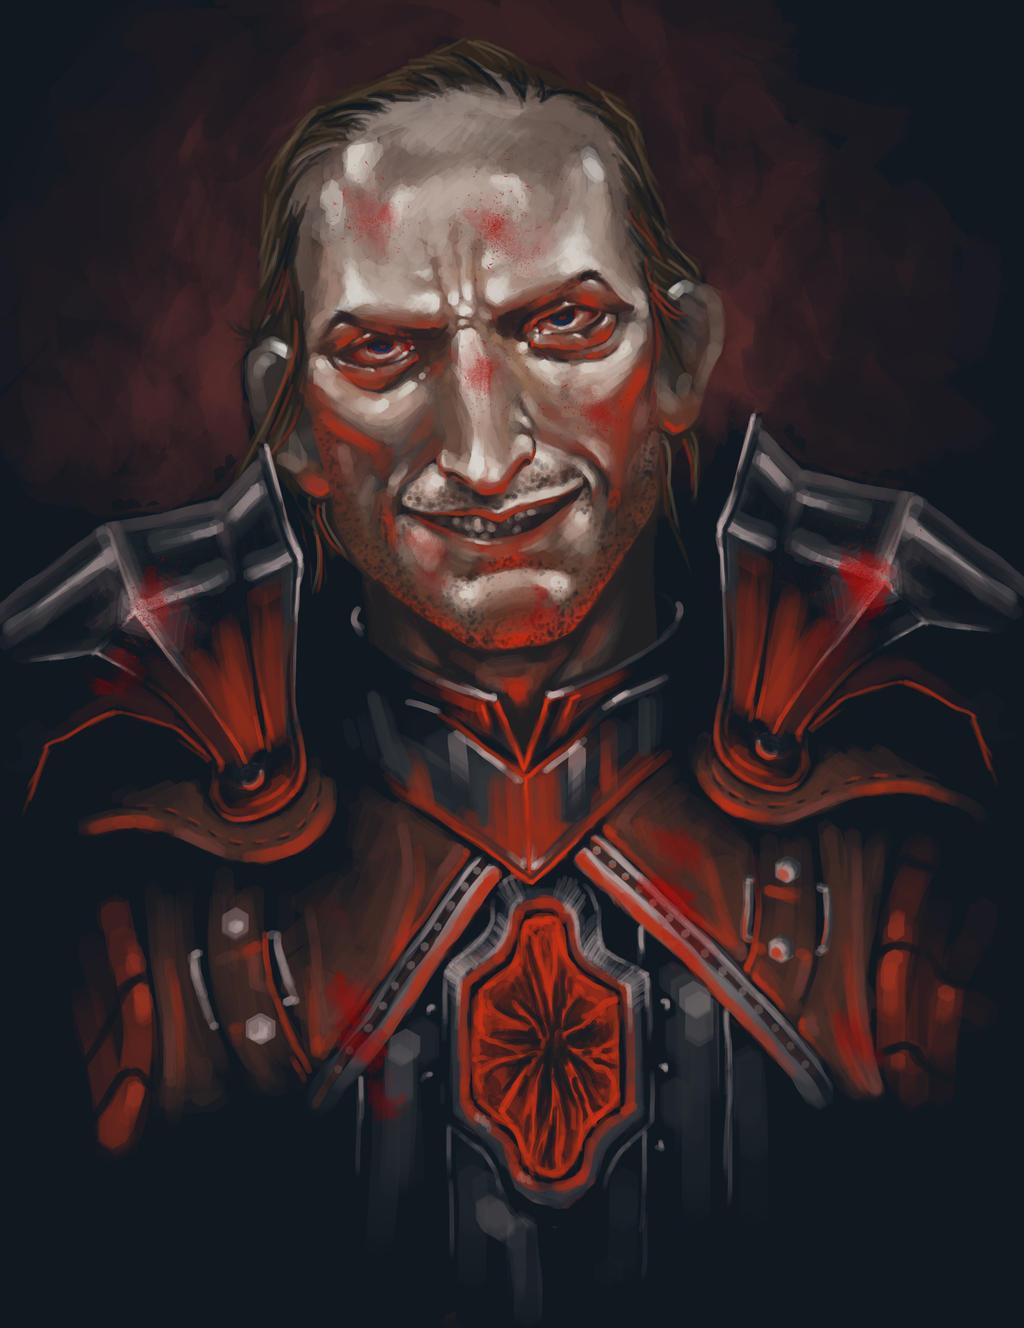 Red Templar by MorgothPalantir on DeviantArt